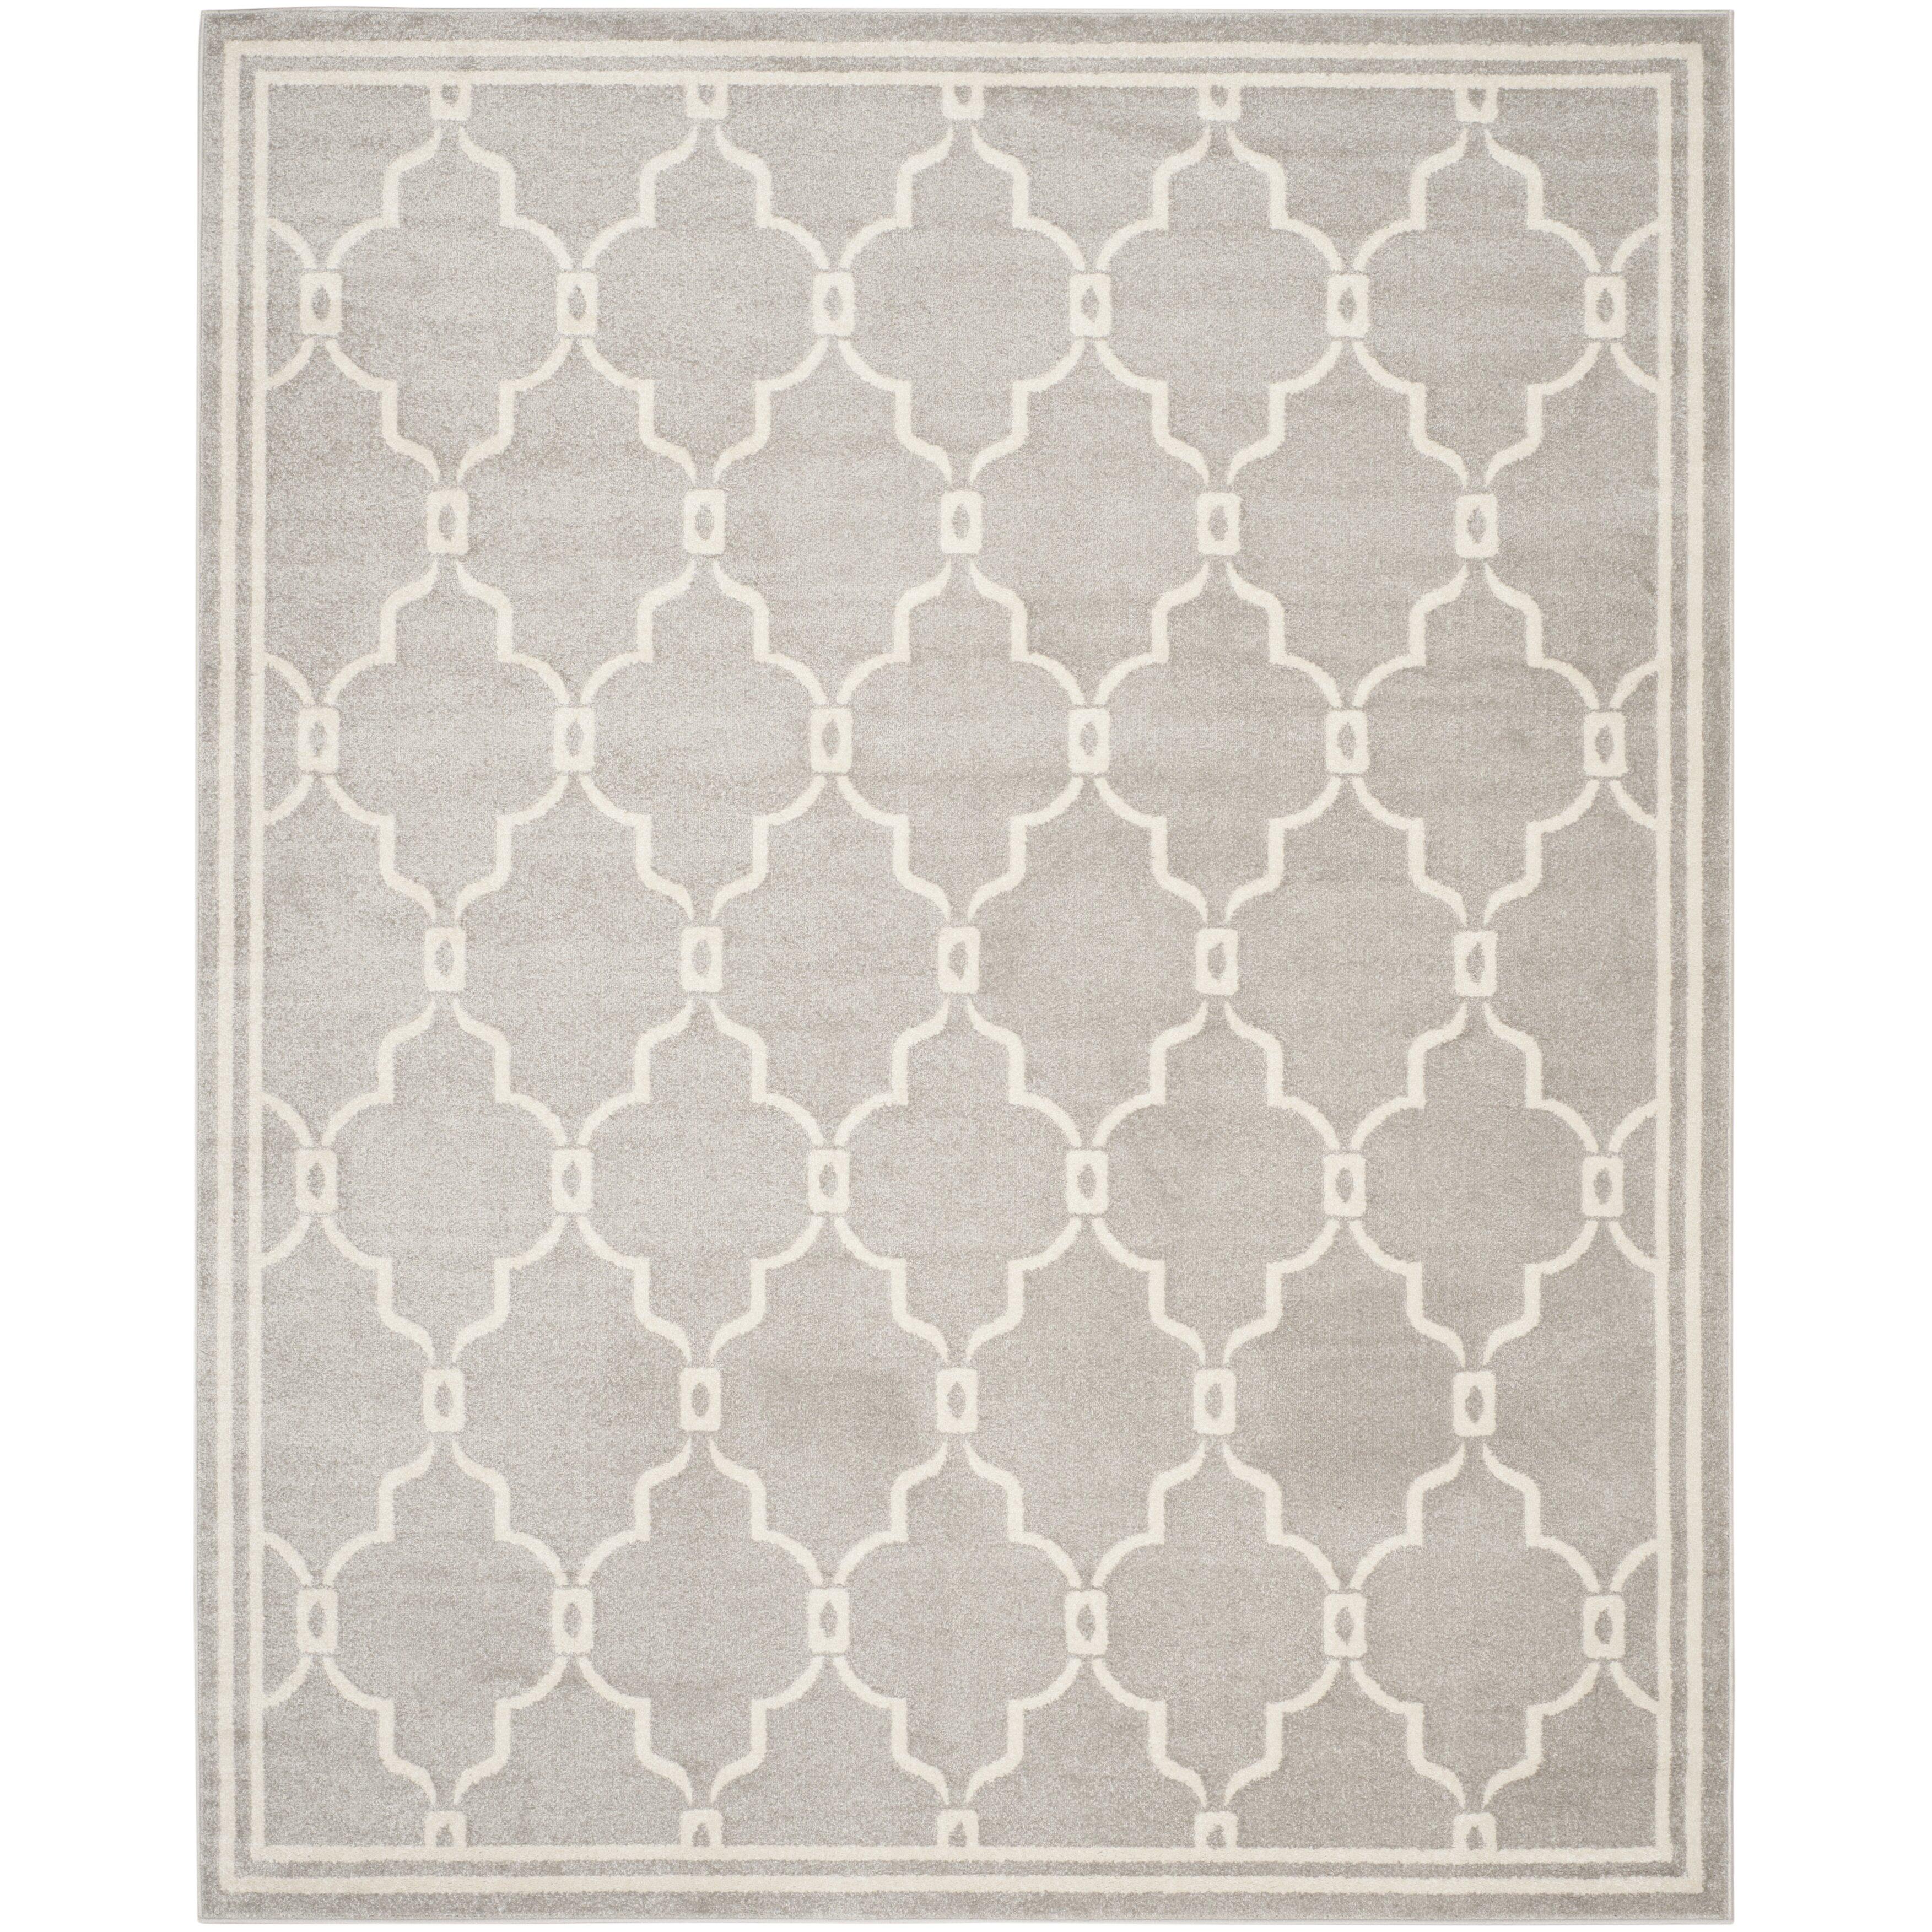 Safavieh emerson light grey indoor outdoor area rug for Indoor outdoor rugs uk